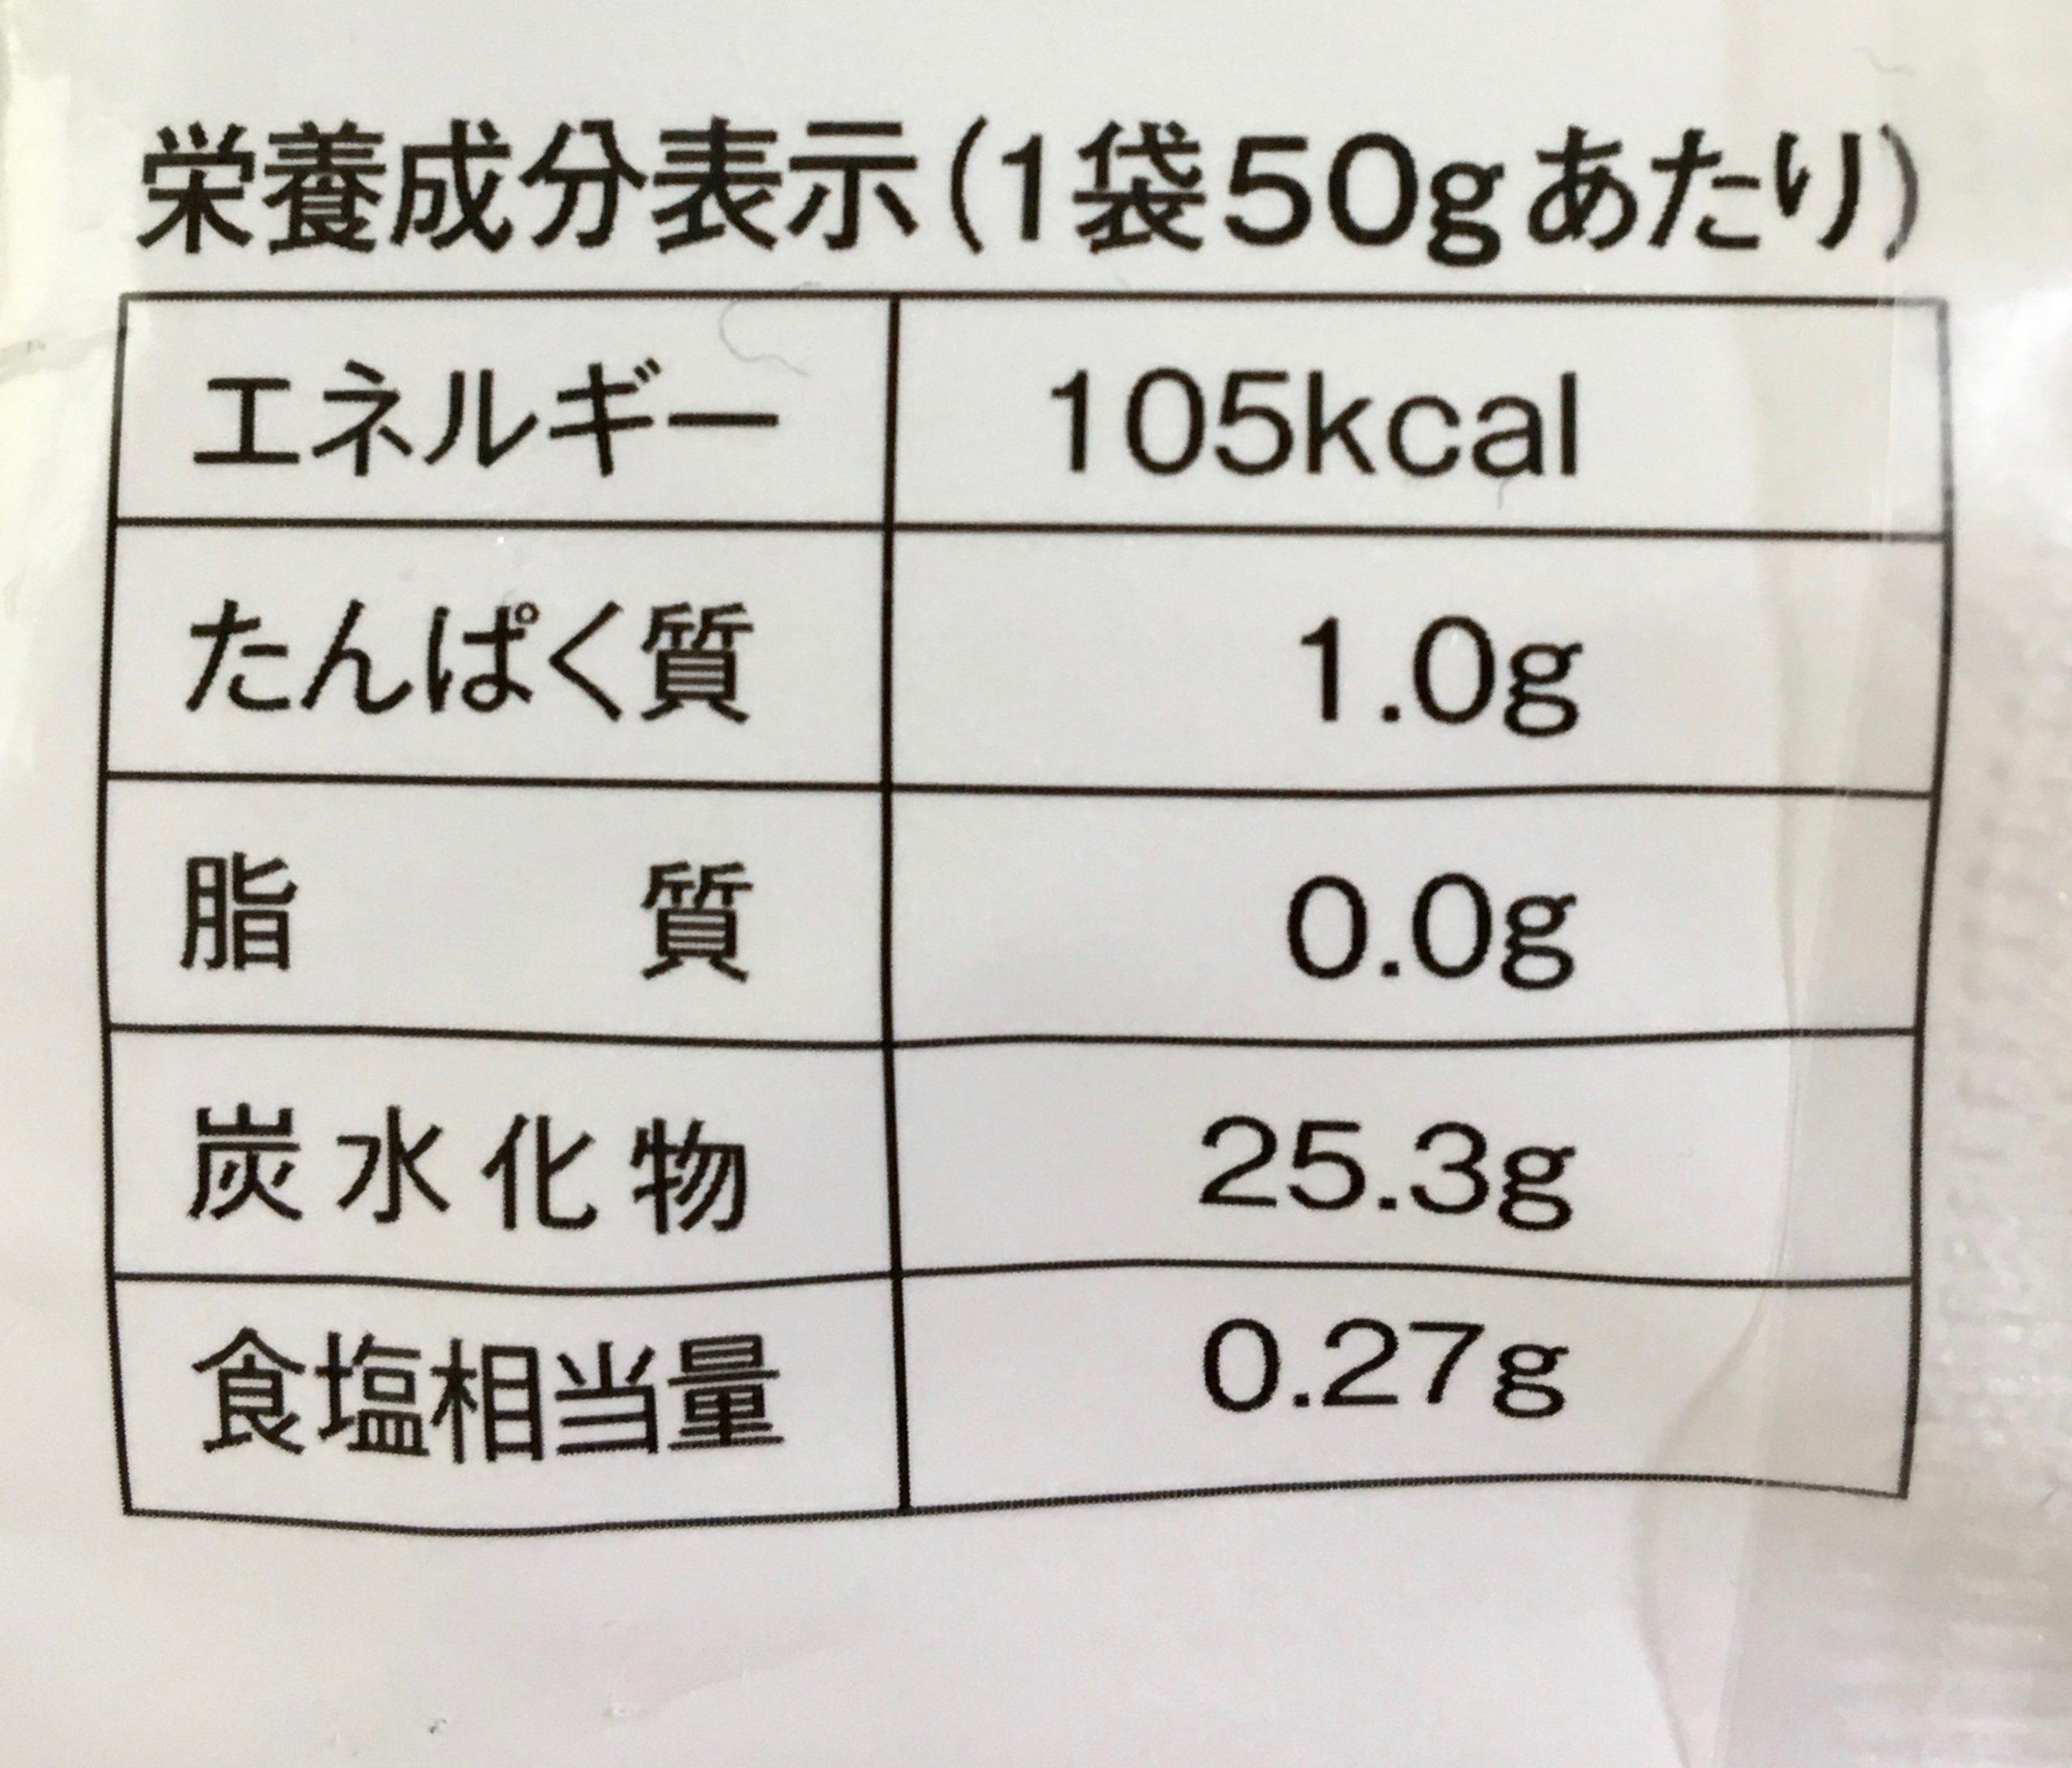 【甘酒】伊豆フェルメンテ『お湯を注いてすぐ飲める あま酒』(栄養成分表示)